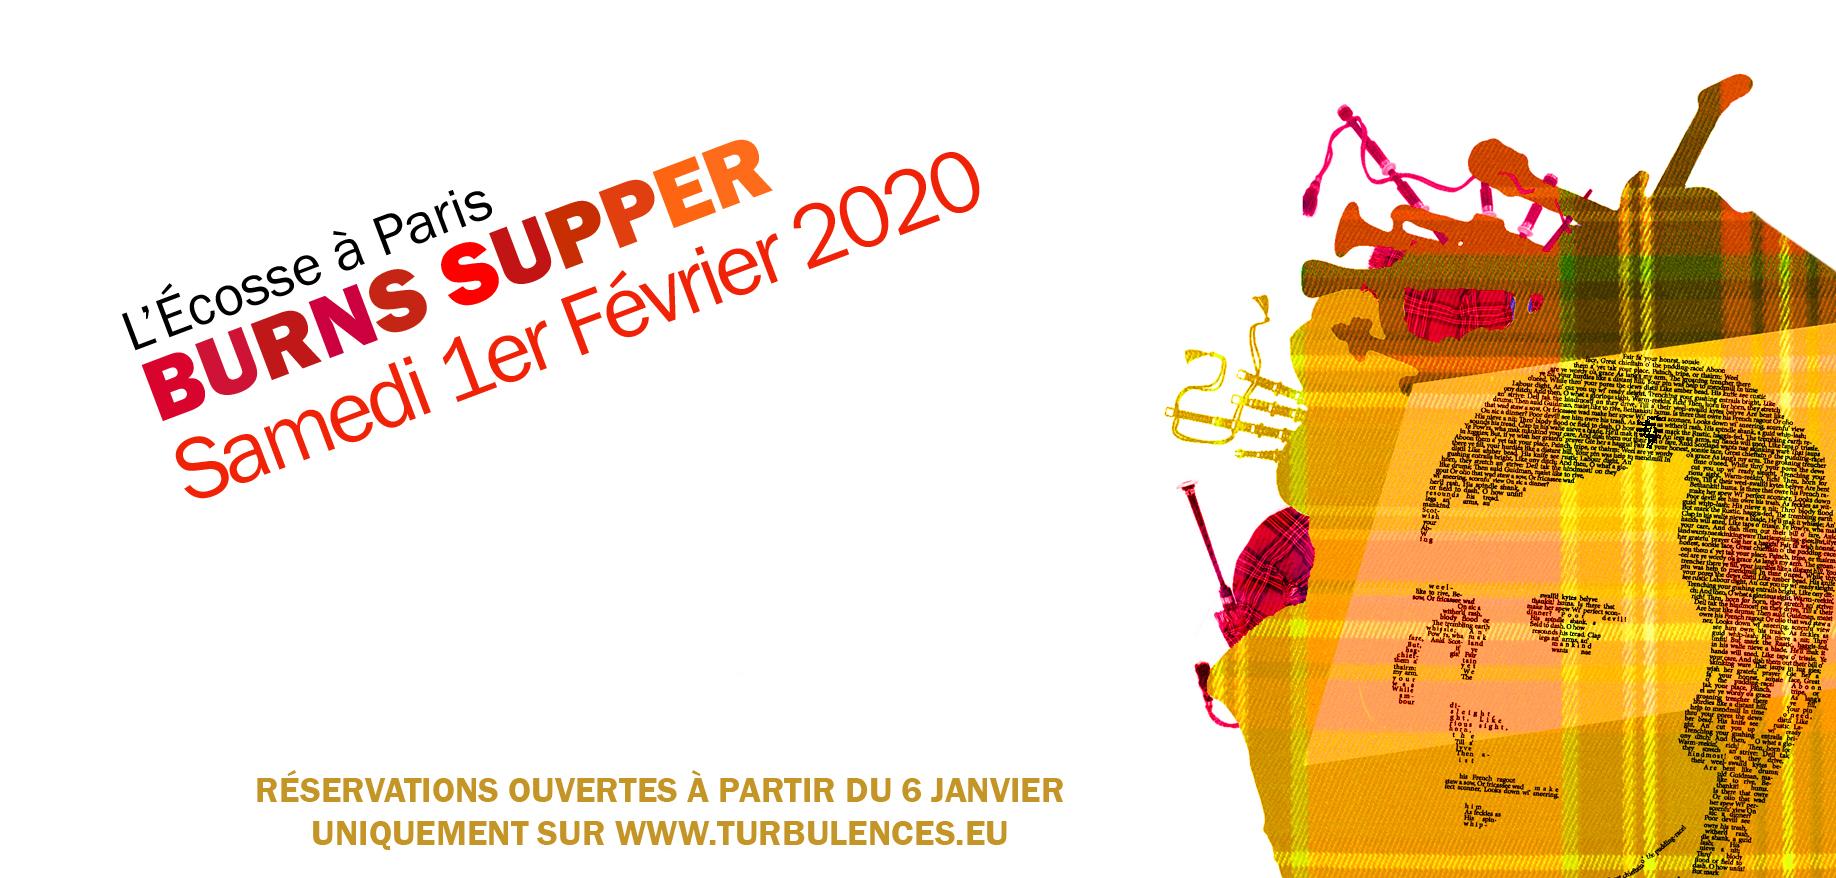 BURNS SUPPER 2020